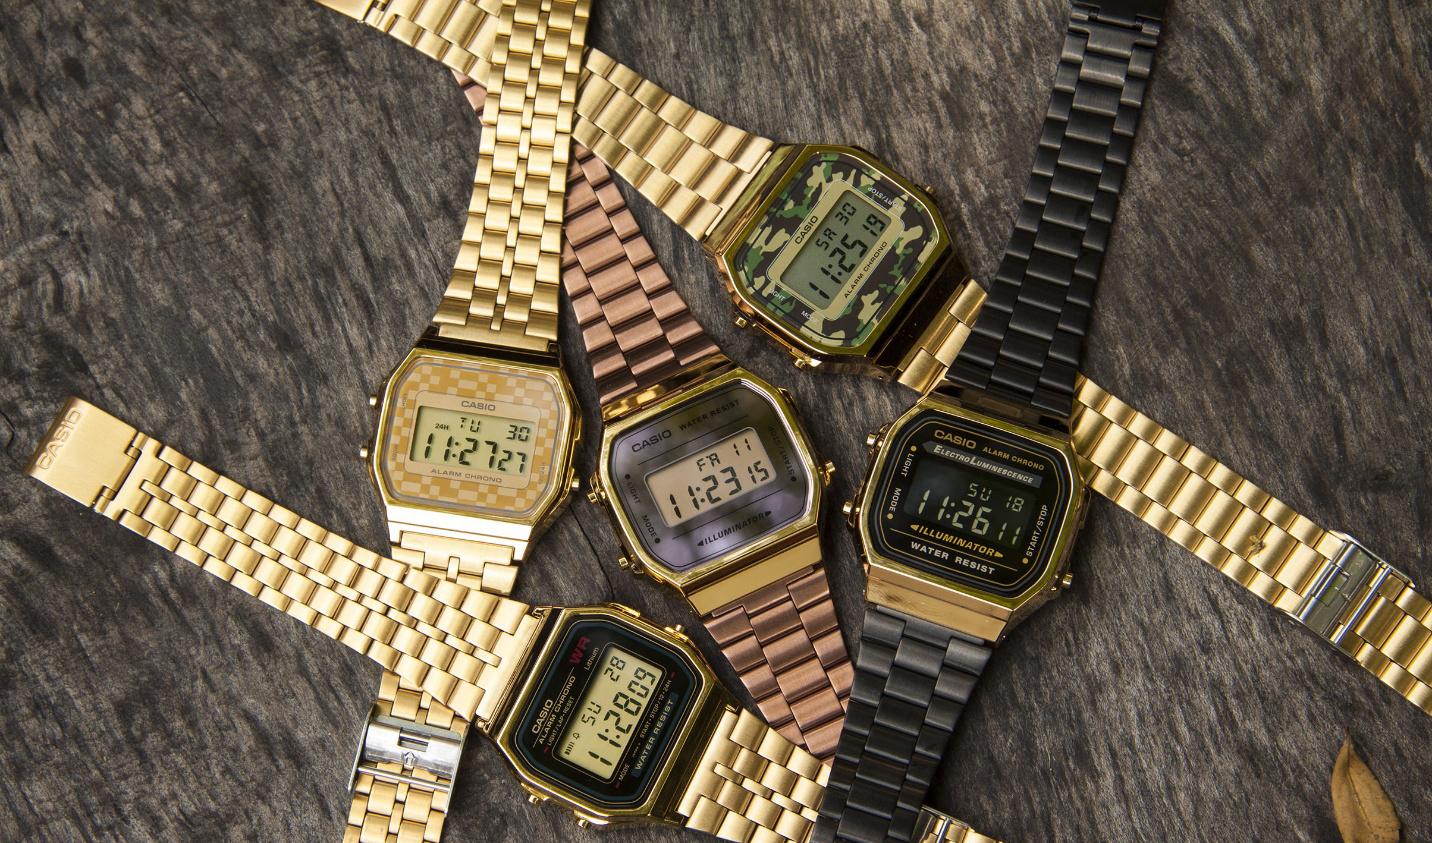 Đồng hồ Casio Gold - cỗ máy thời gian bền bỉ với chất lượng đáng nể